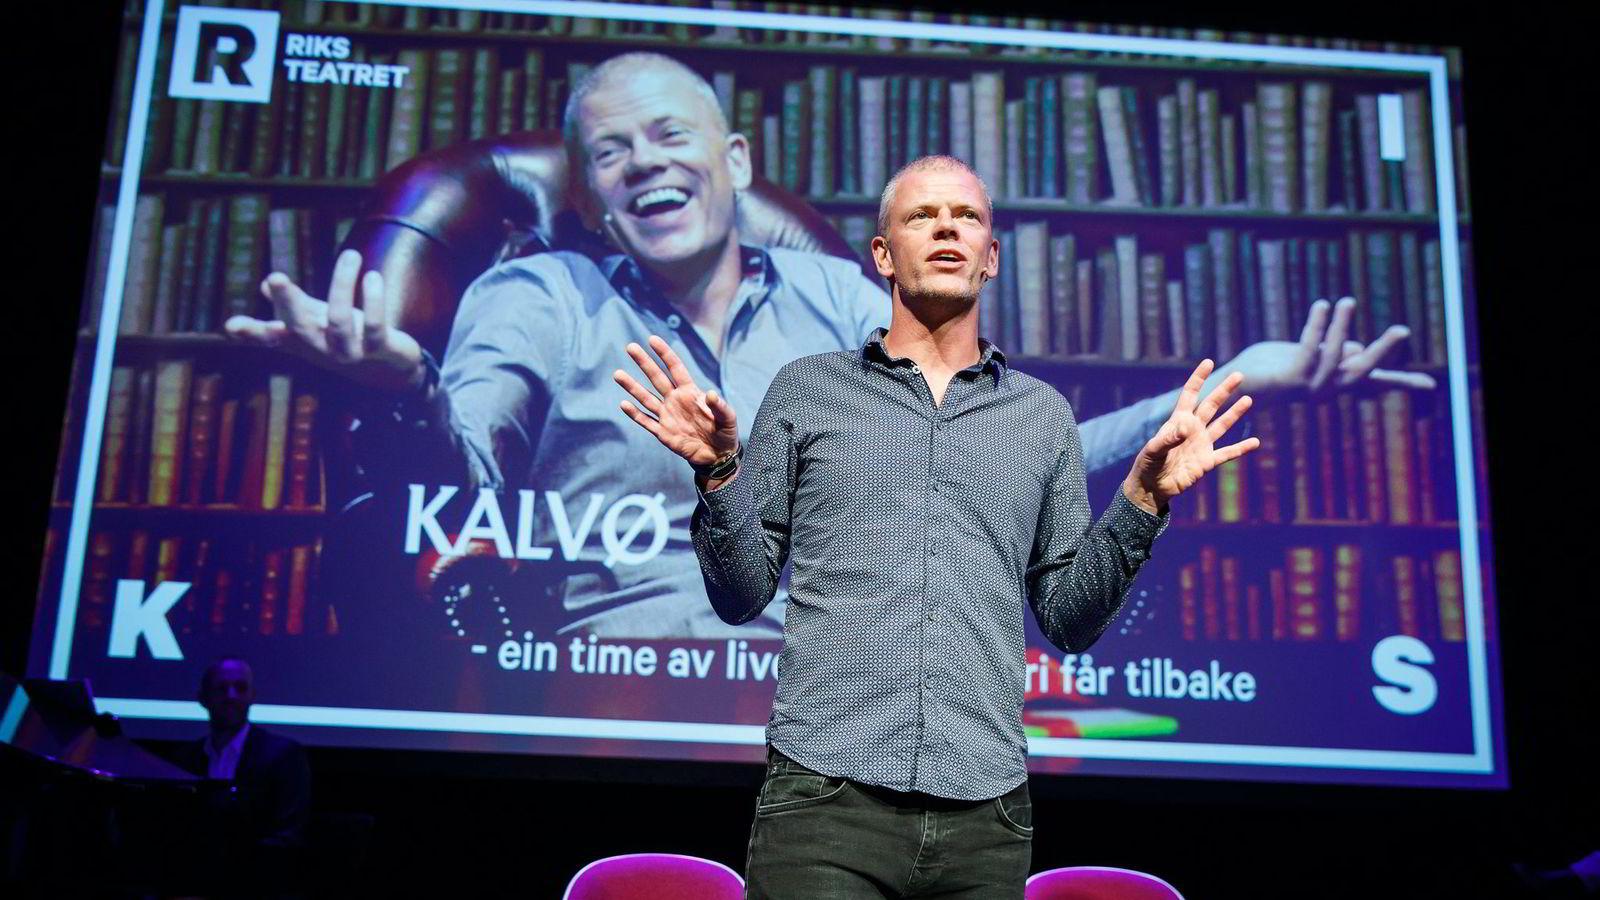 Komiker Are Kalvøs aksjeselskap Mellom Linjene hadde en omsetning på 3.5 millioner kroner i 2015. Foto: Heiko Junge/